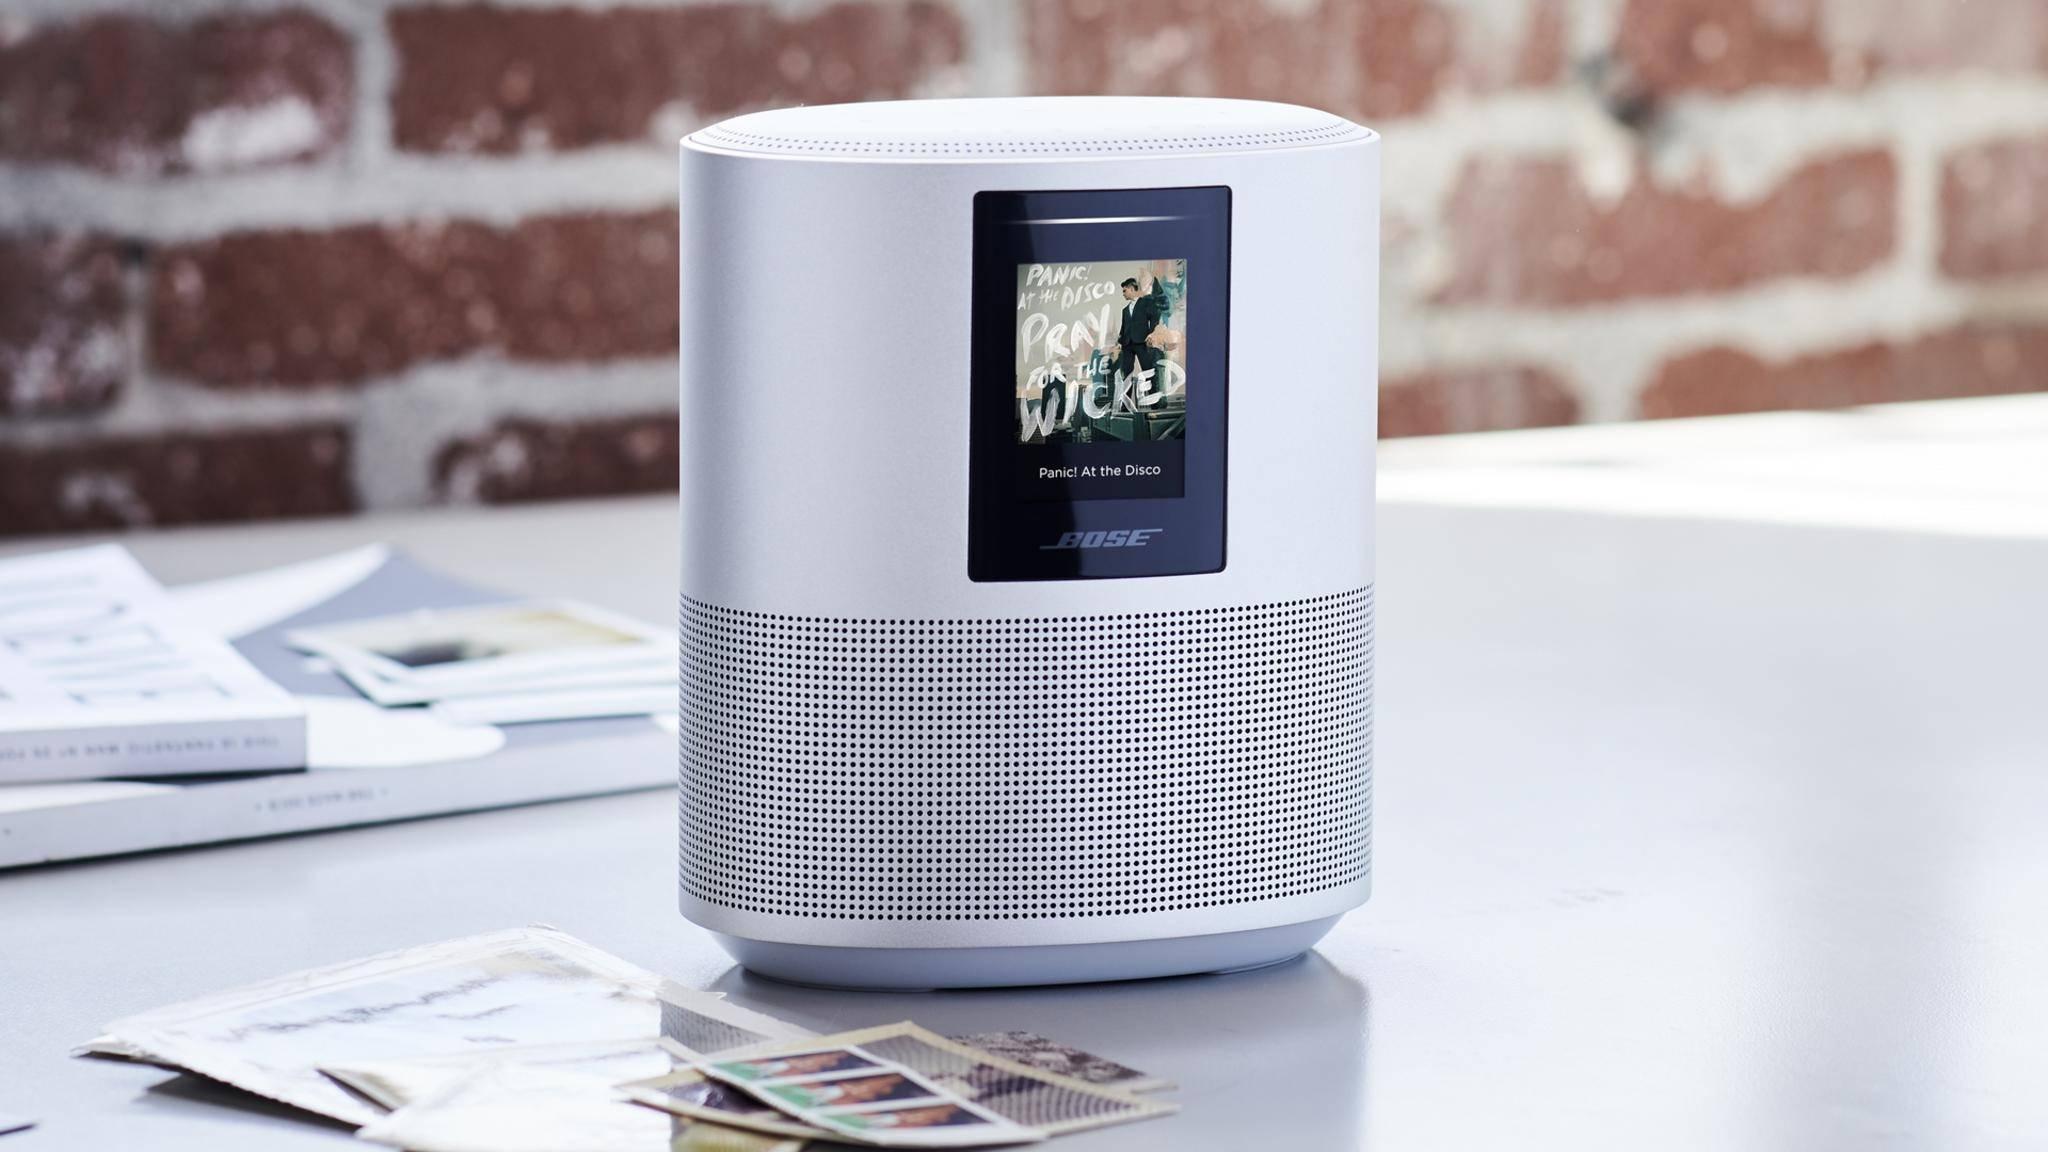 Der Bose Home Speaker setzt auch Sprachassistenten und Audio-Expertise.